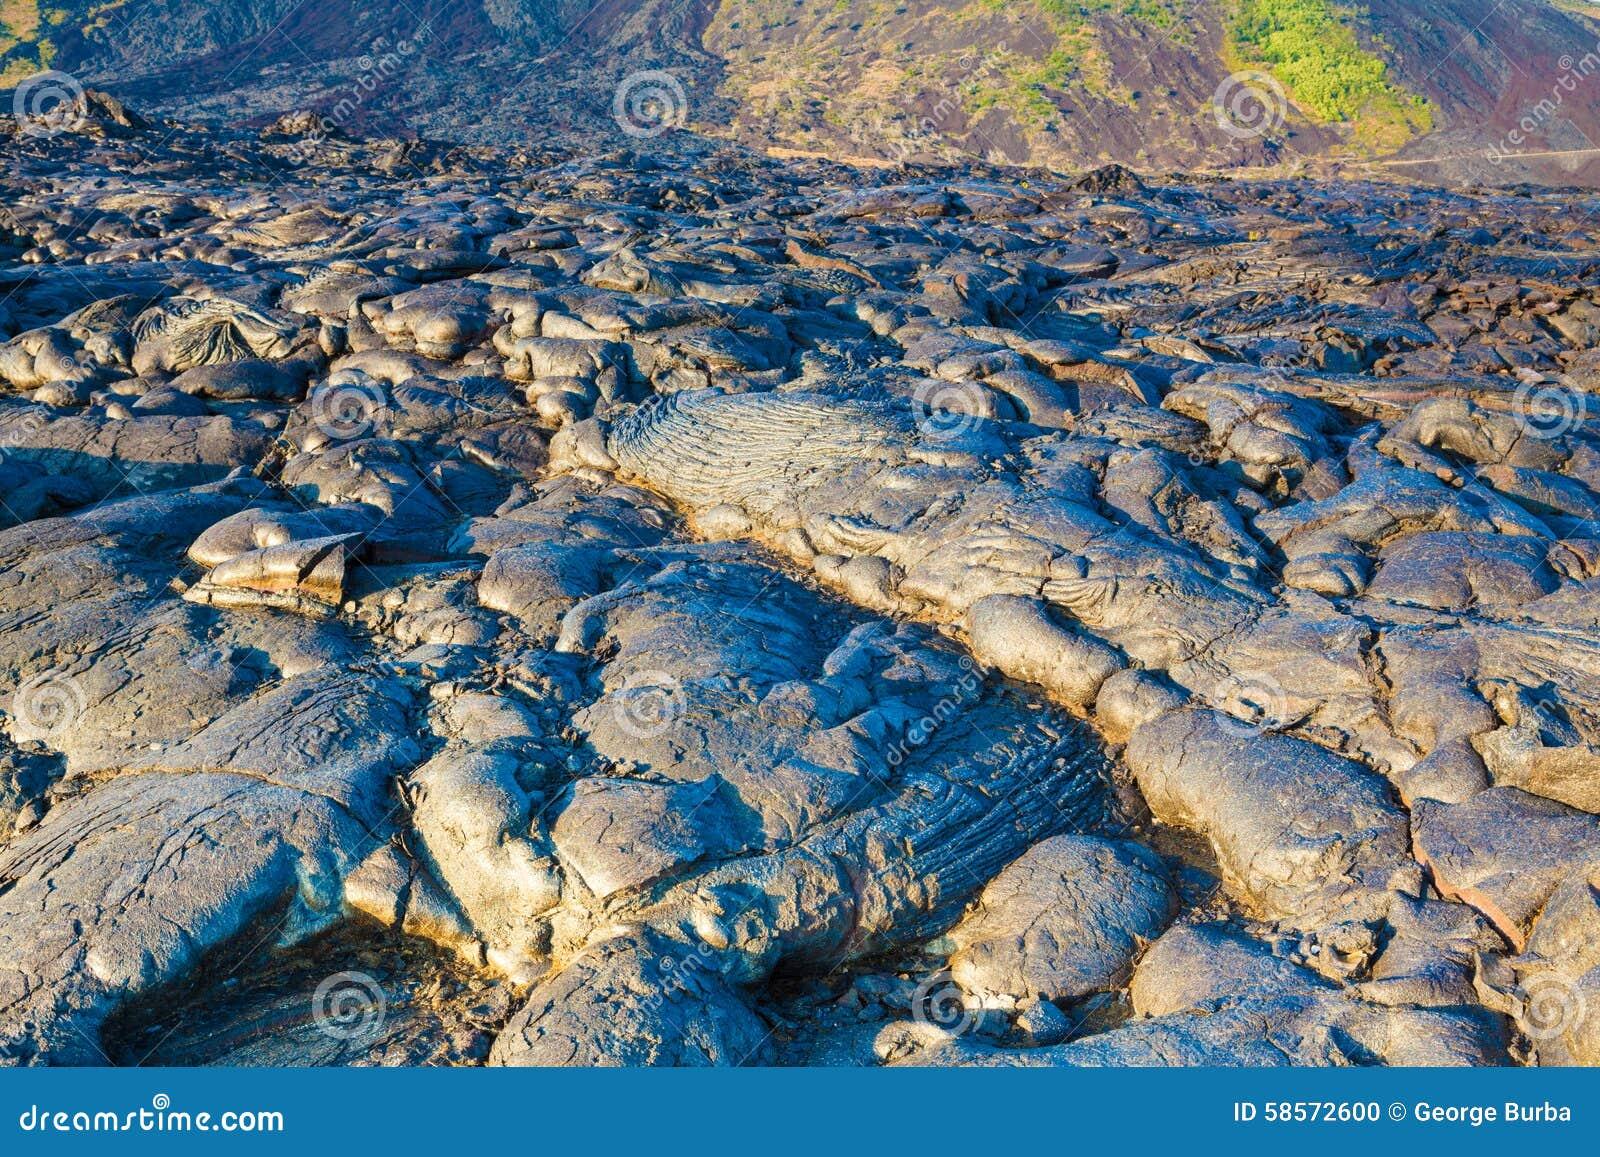 ... lava landscape in Hawaii Volcanoes National Park, Big Island, Hawaii